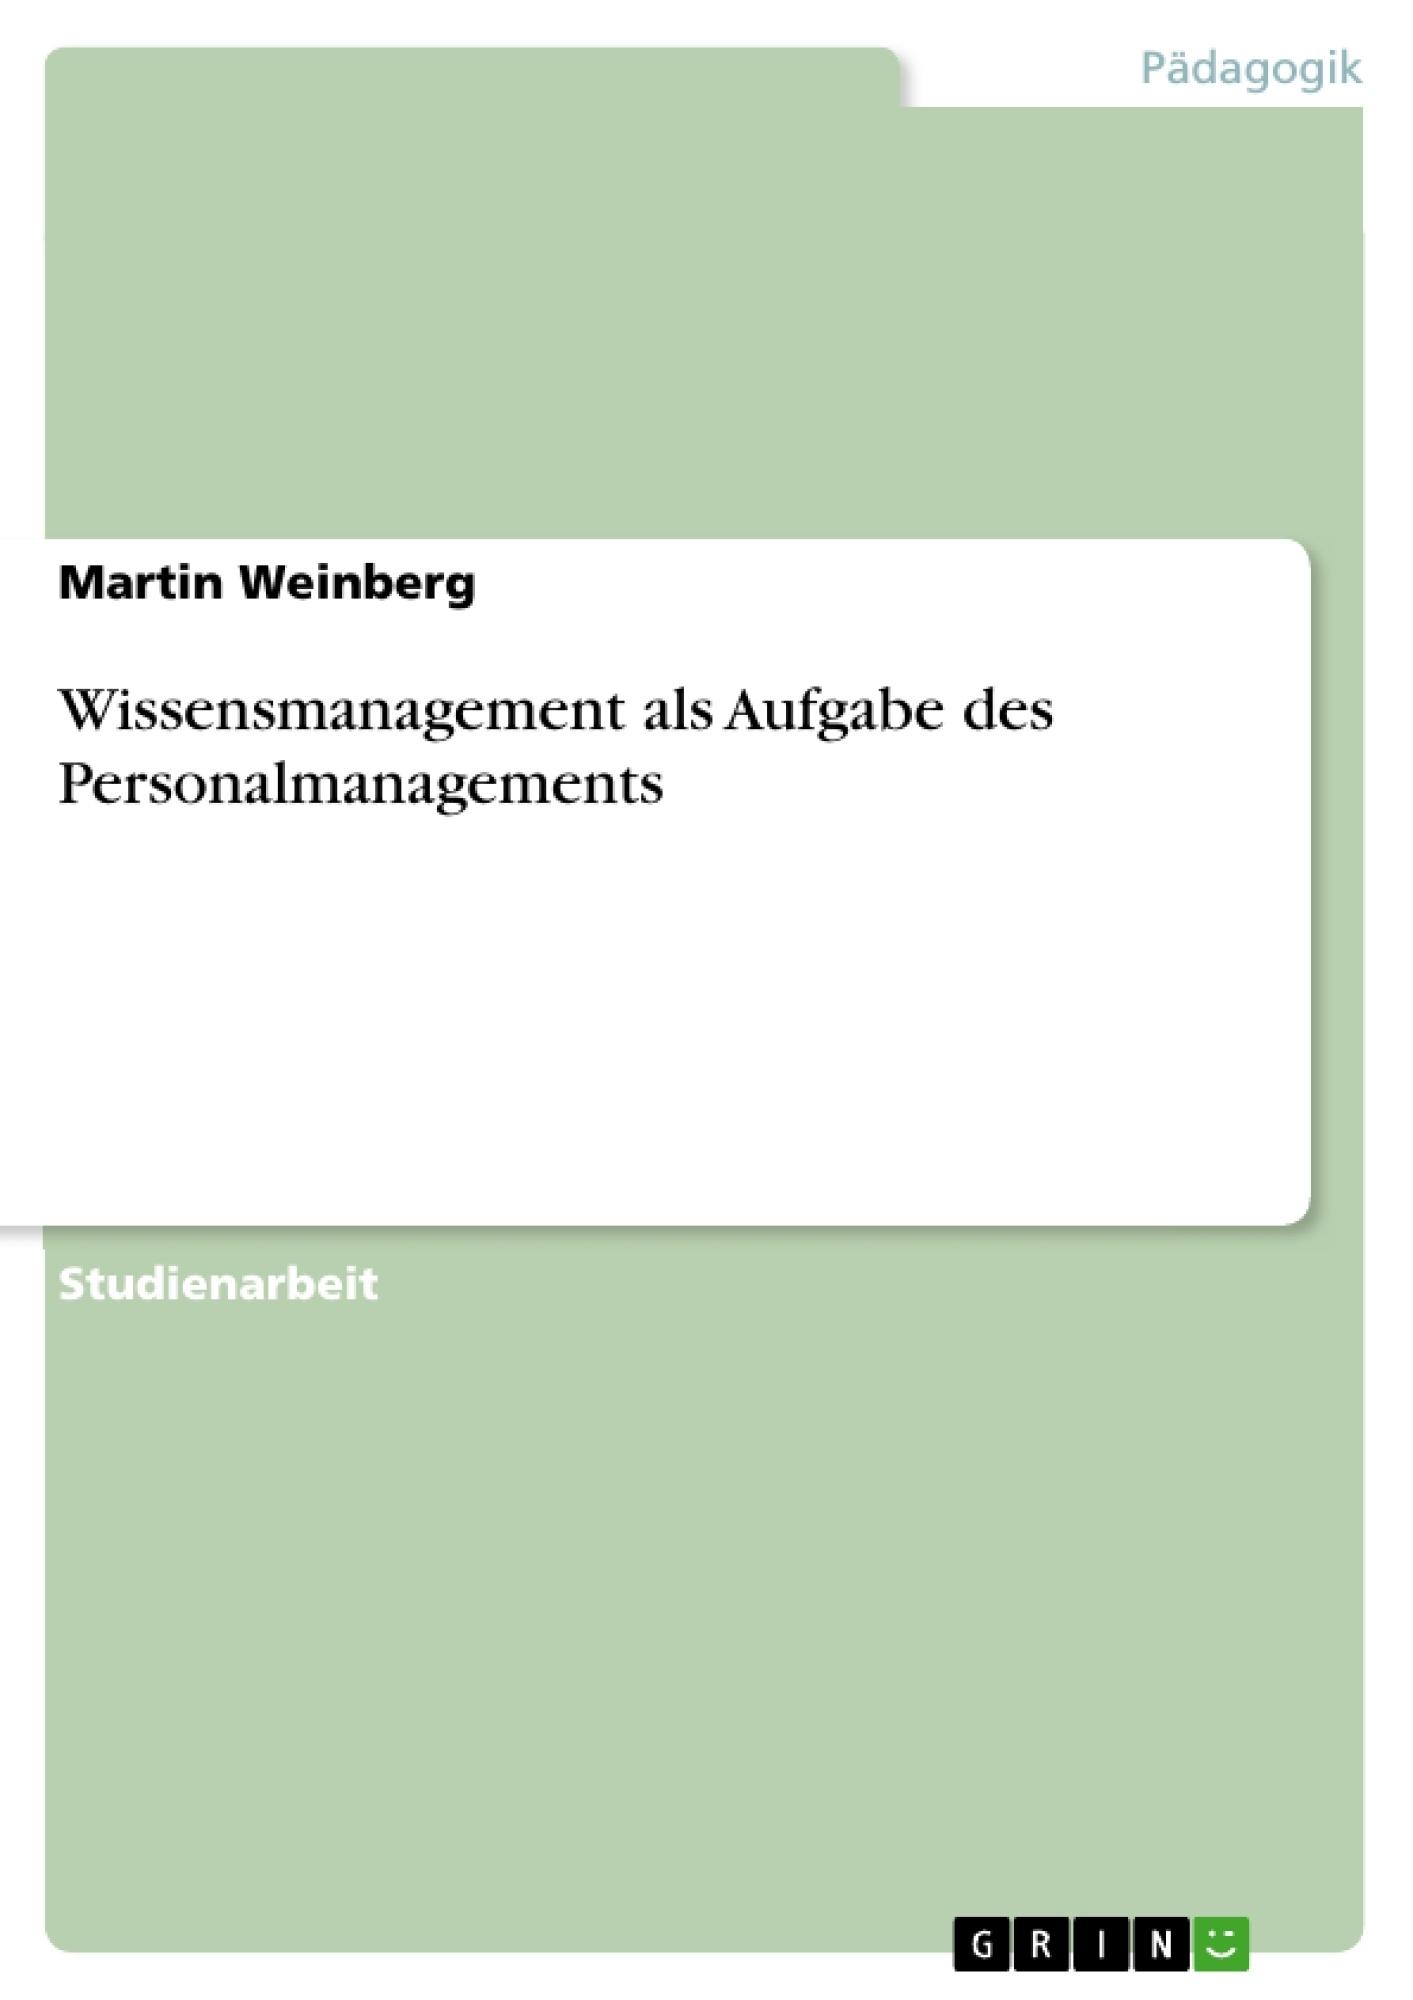 Titel: Wissensmanagement als Aufgabe des Personalmanagements